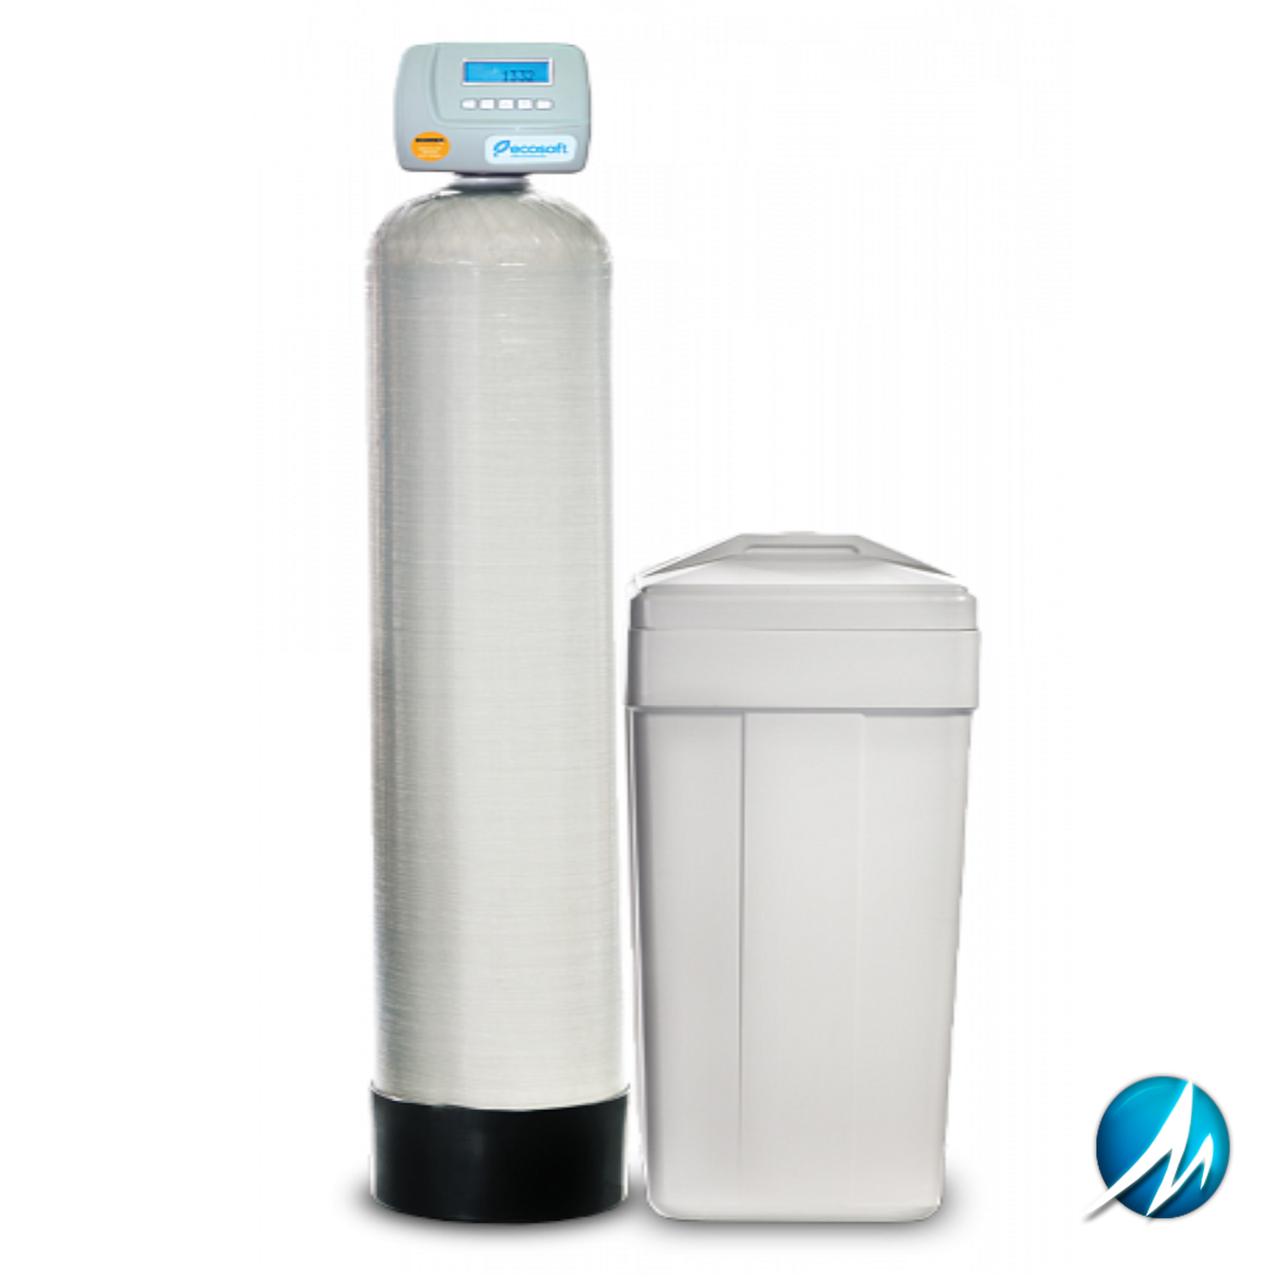 FK1465CEMIXC фильтр обезжелезивания и умягчения воды Ecosoft